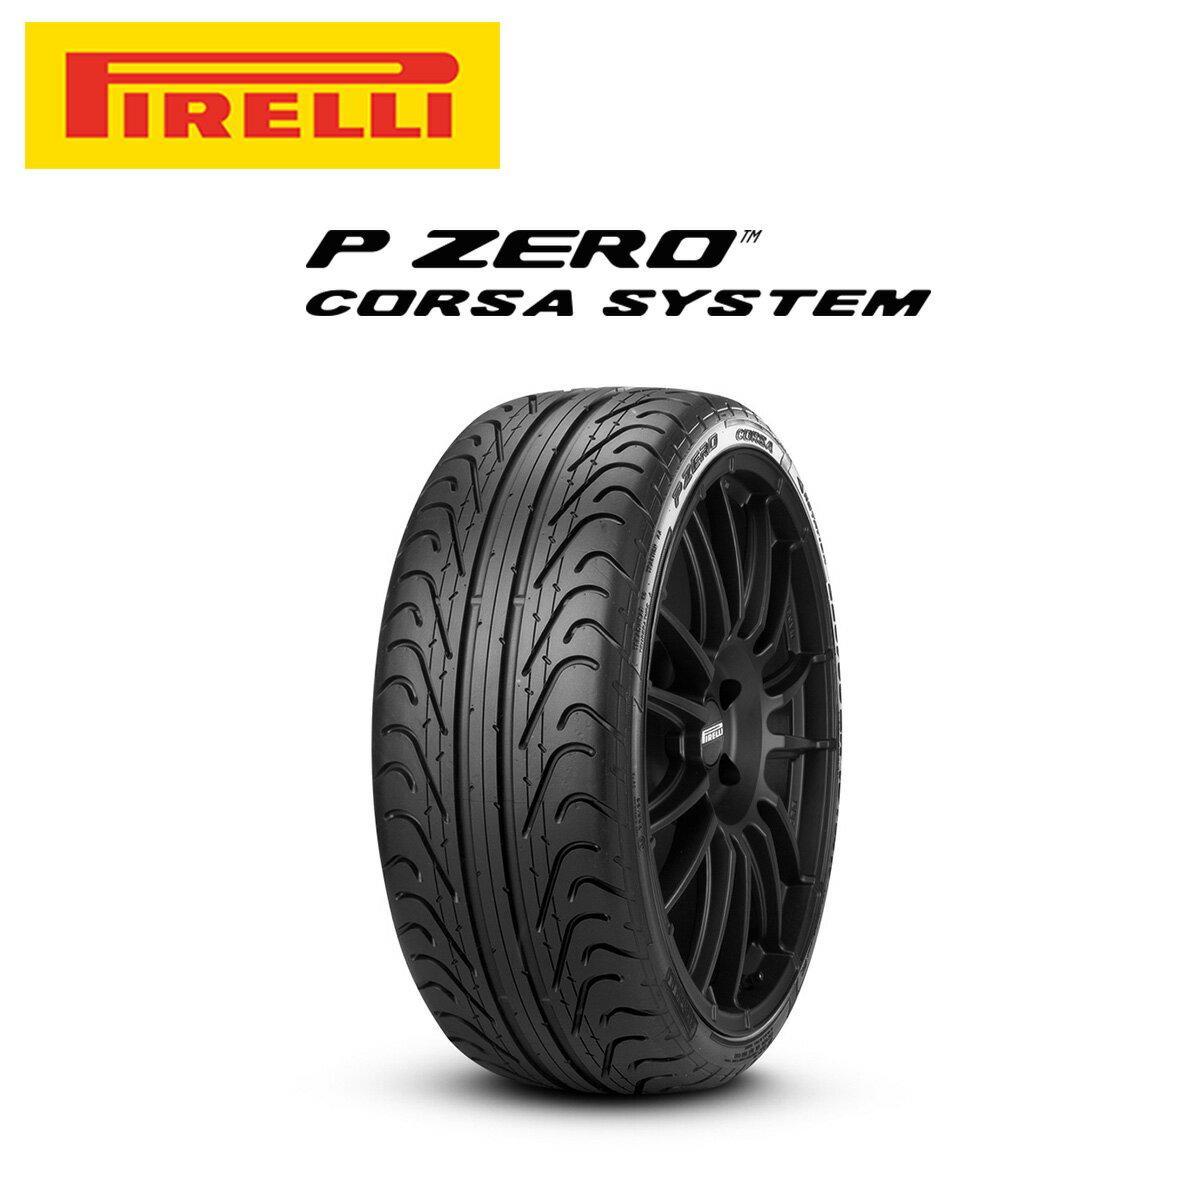 ピレリ PIRELLI P ZERO CORSA ピーゼロコルサ 20インチ サマー タイヤ 4本 セット 275/35ZR20 102Y XL F:フェラーリ承認タイヤ 2561000